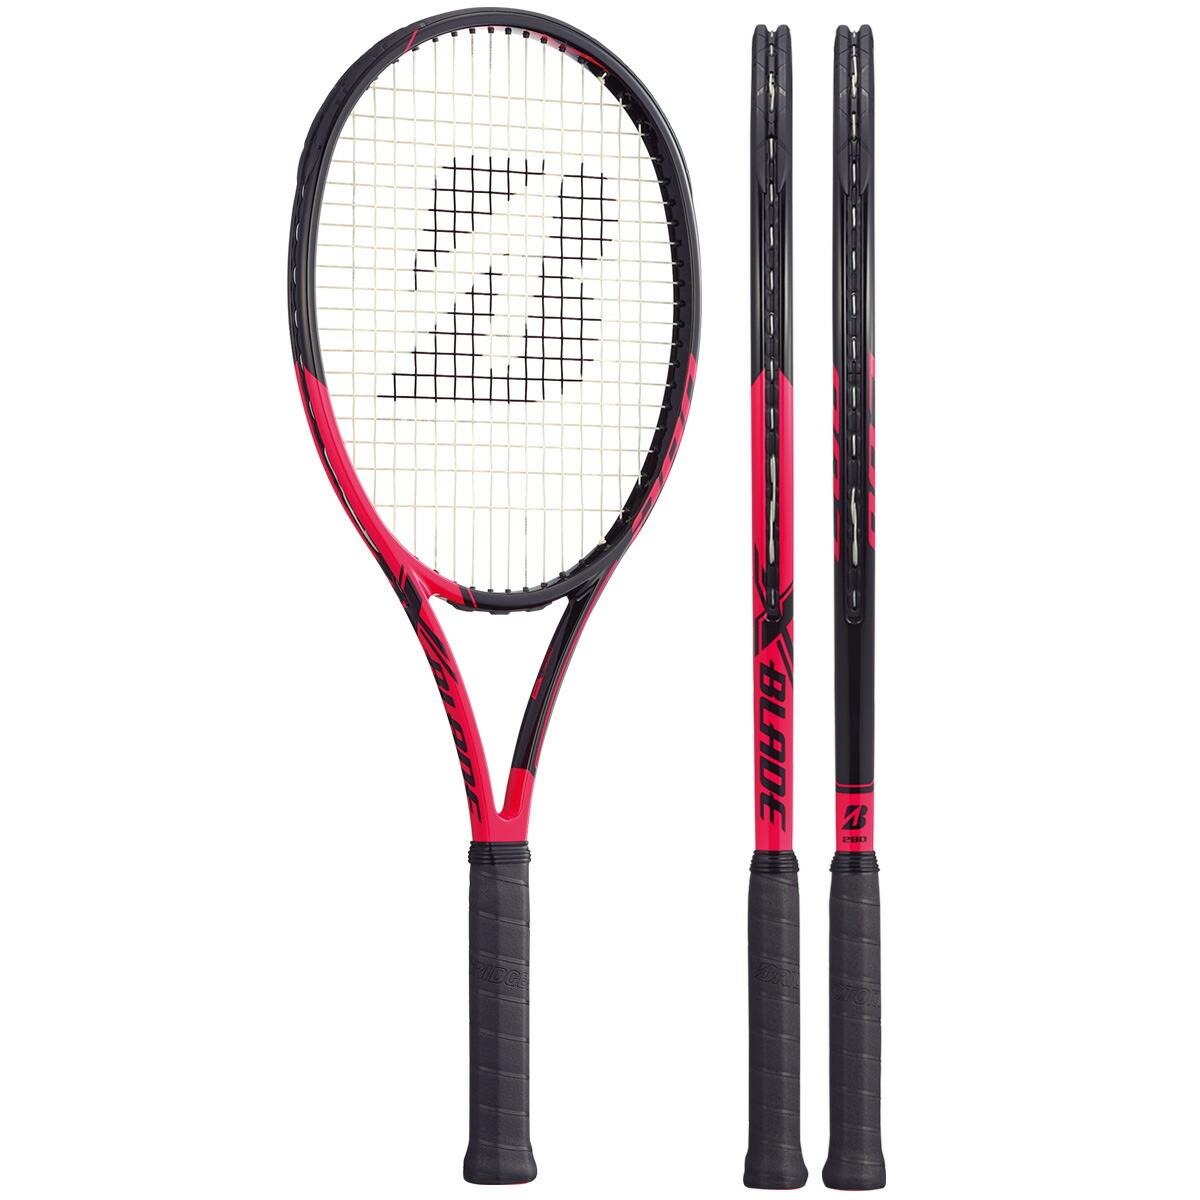 ブリヂストン BRIDGESTONE 硬式テニスラケット X-BLADE BX 280 エックスブレード ビーエックス 280 BRABX4